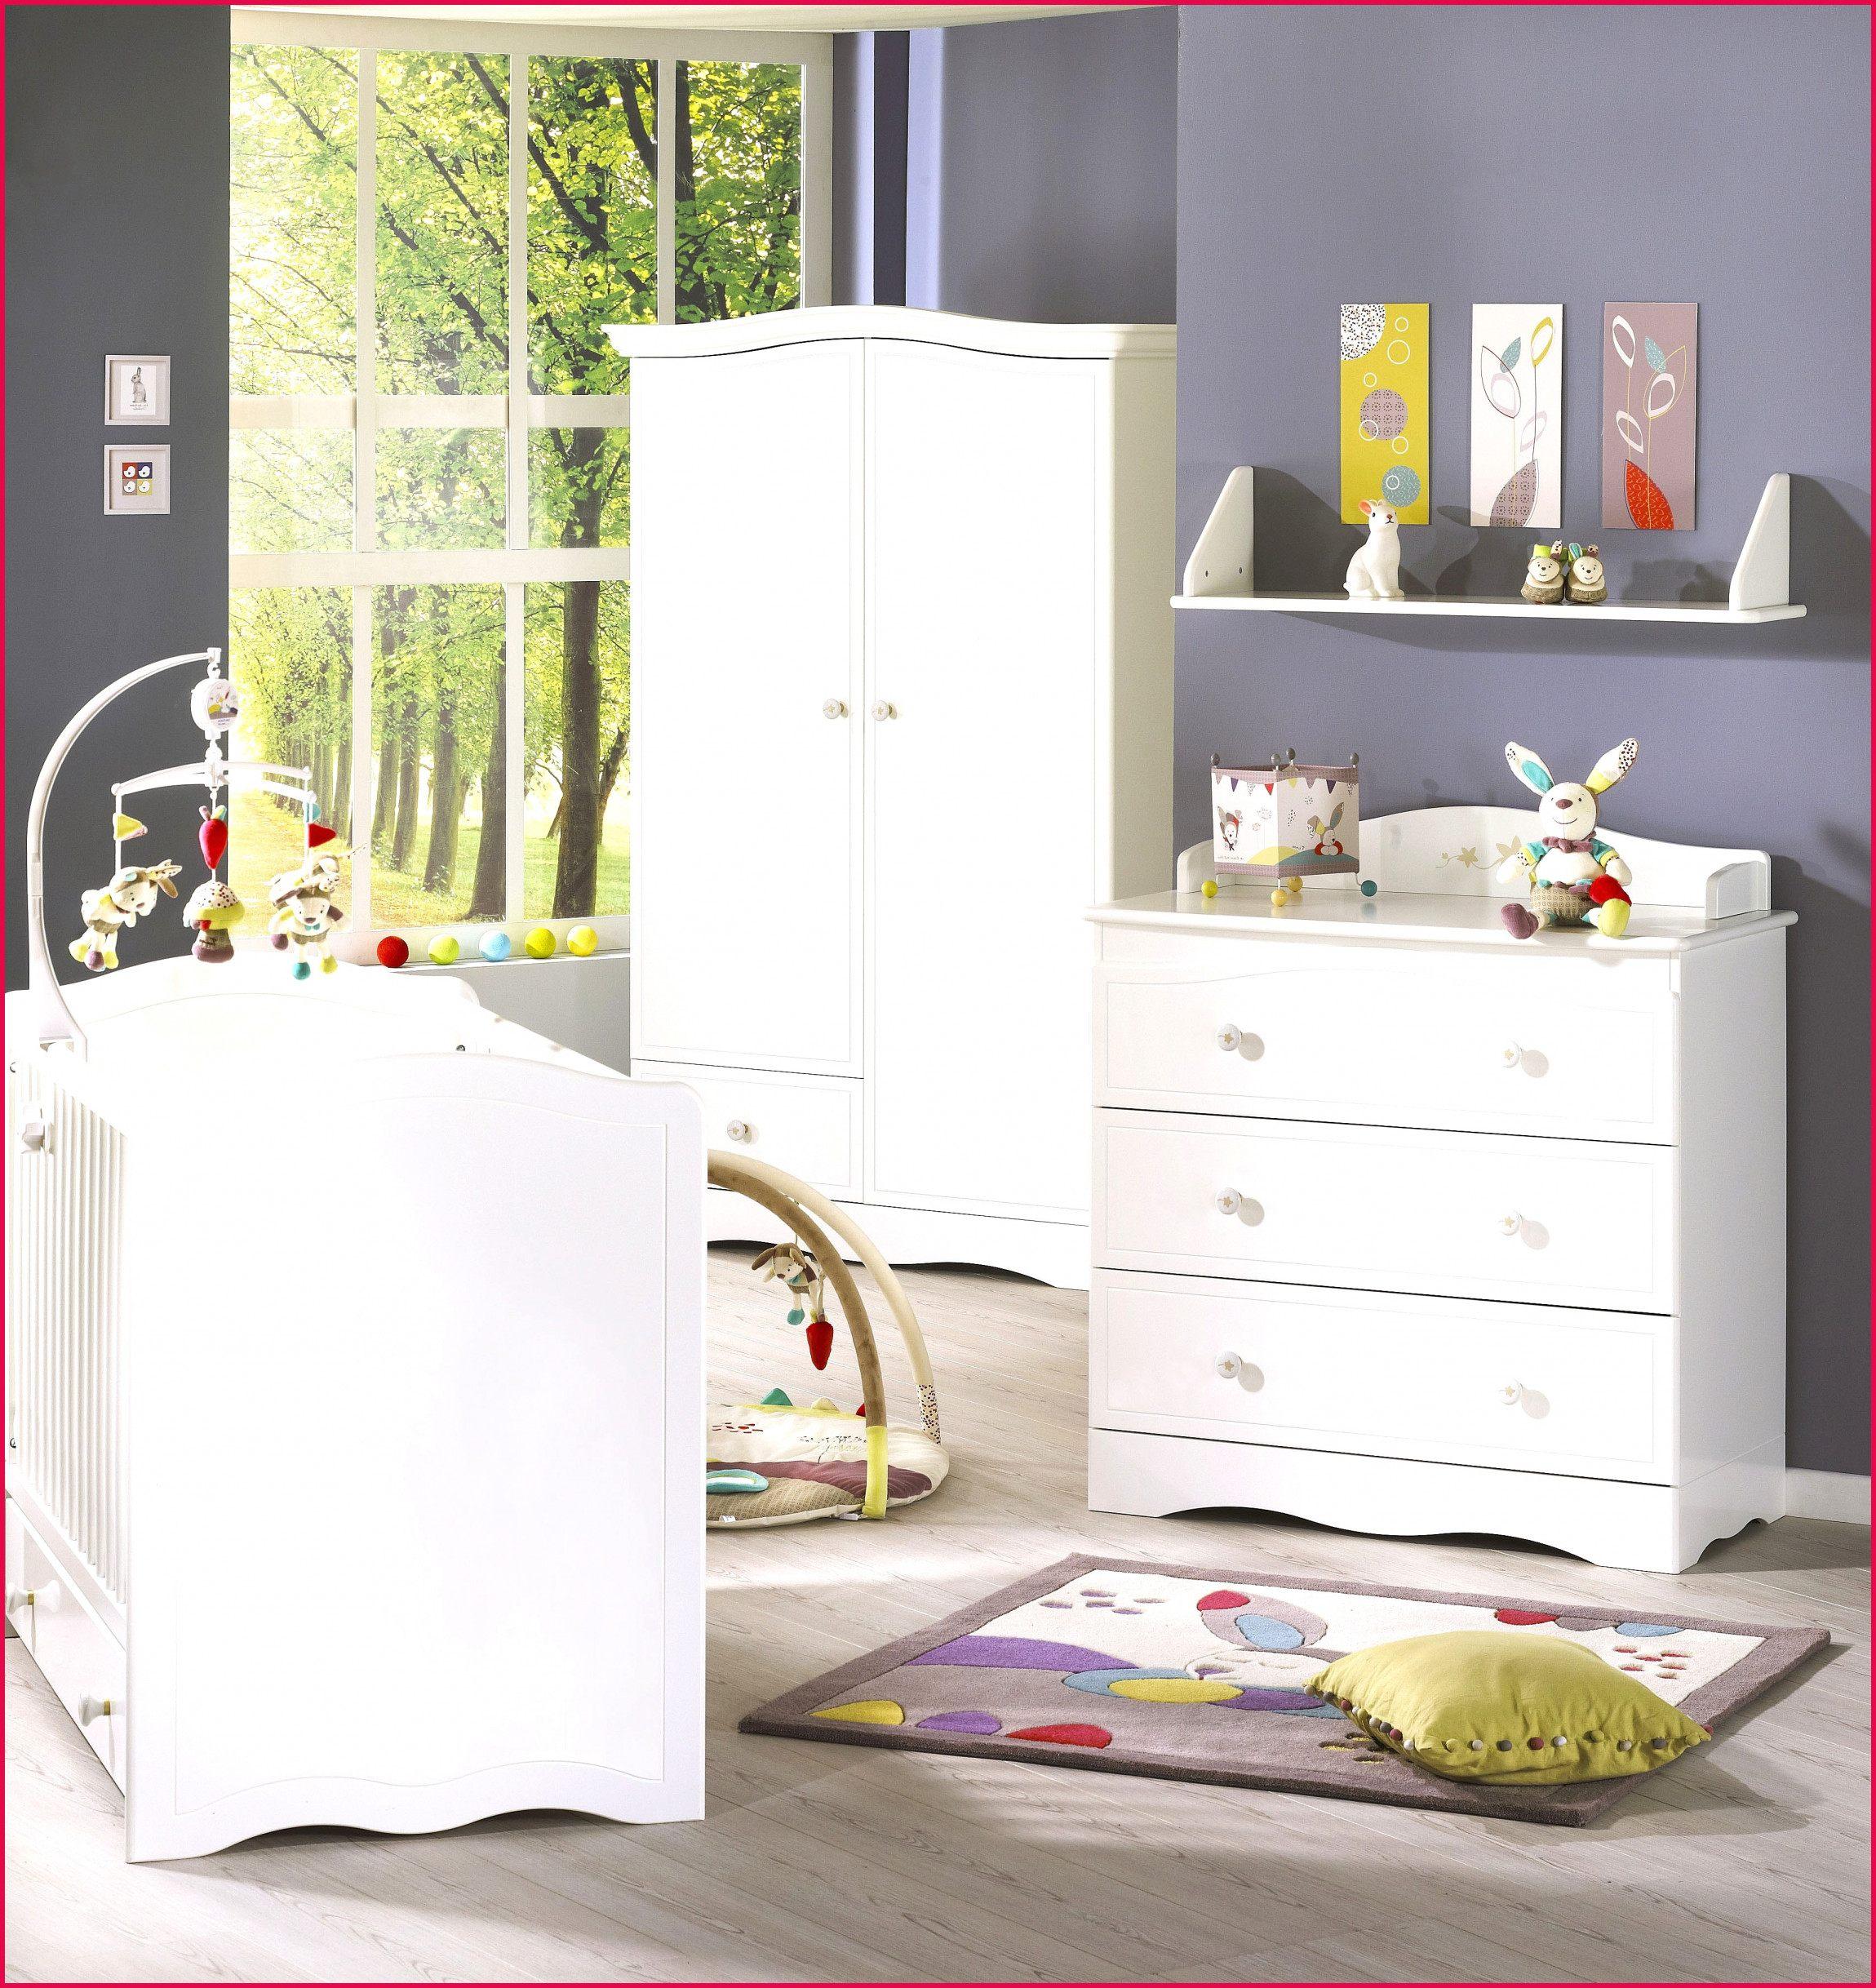 Lit Bébé Conforama De Luxe Lit Bébé Design Mode Bébé Ikea Meilleur De S Conforama Chambre B 6